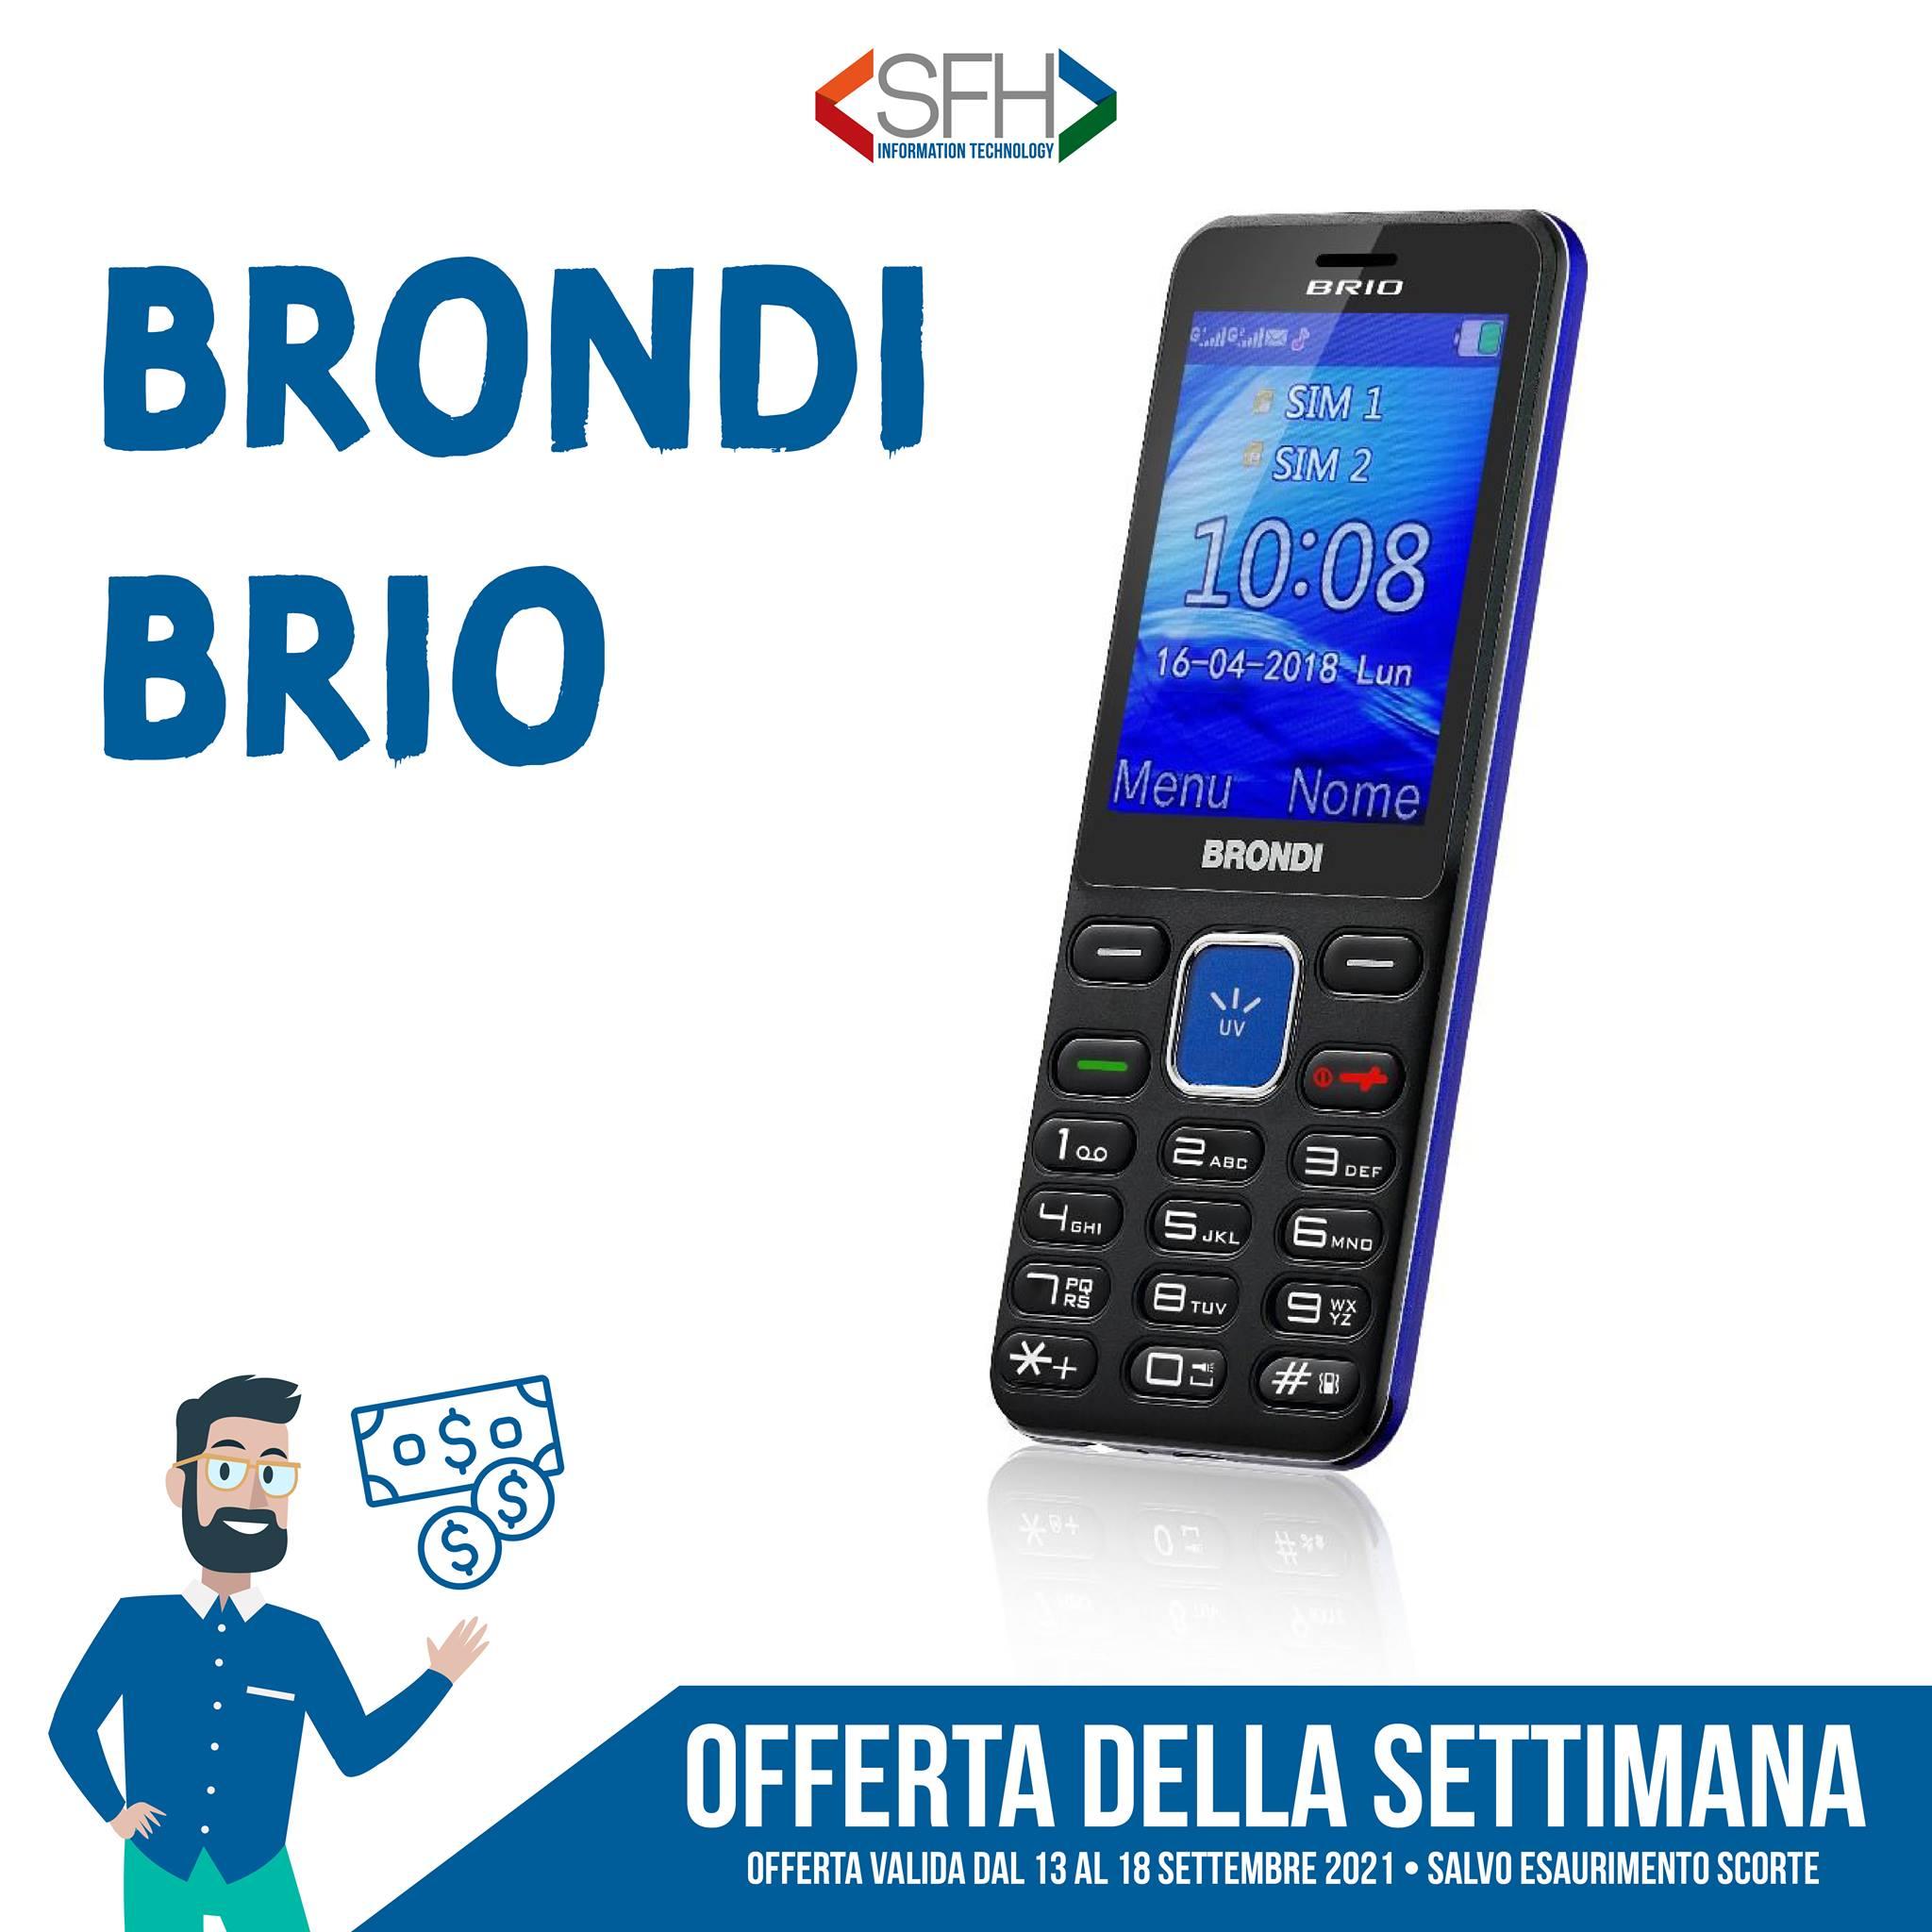 Brondi BRIO